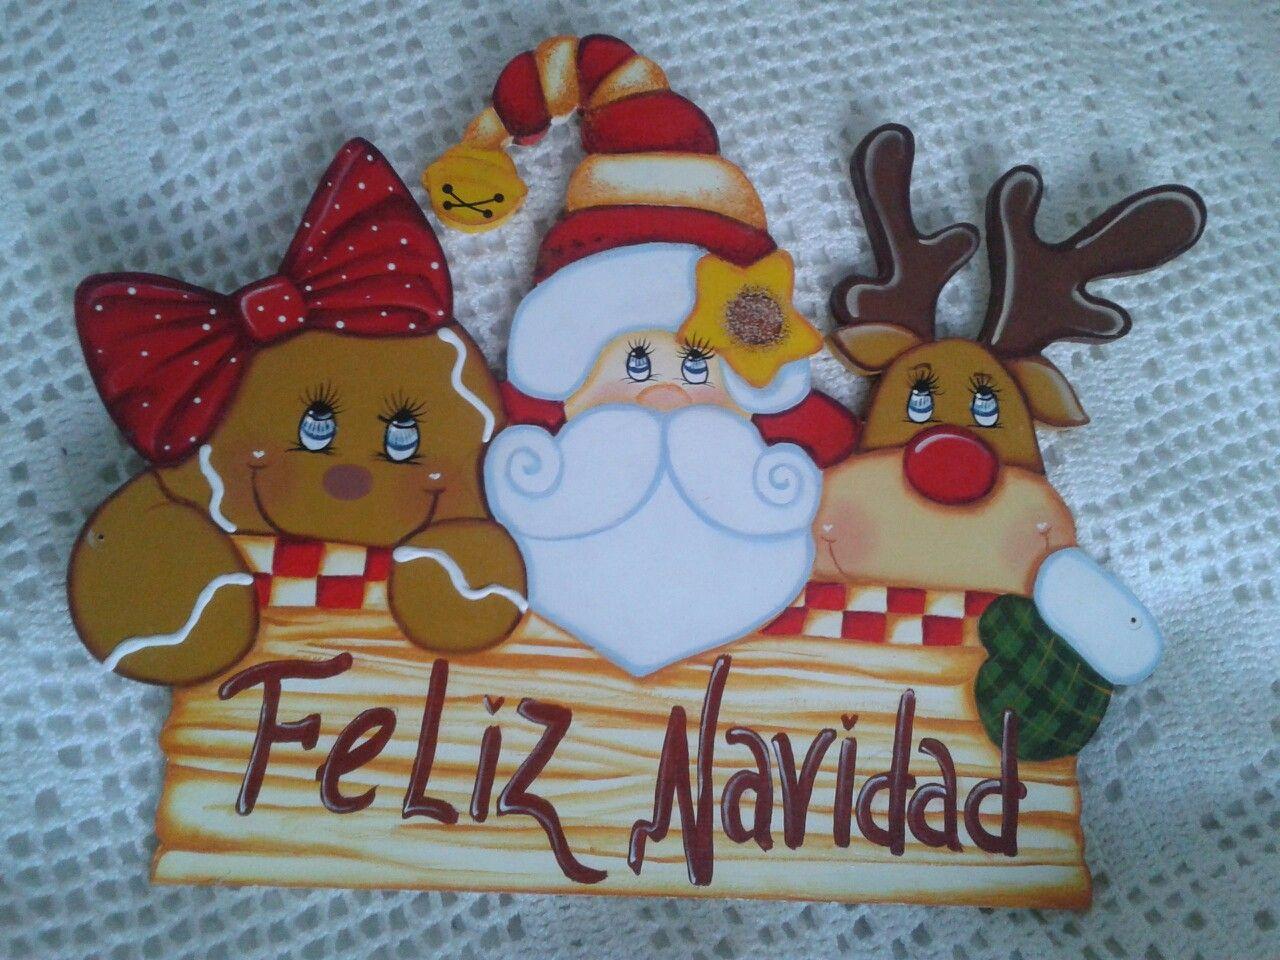 Navidad Country Madera Christmas Art Gingerbread Ornaments Slim Fit Pants